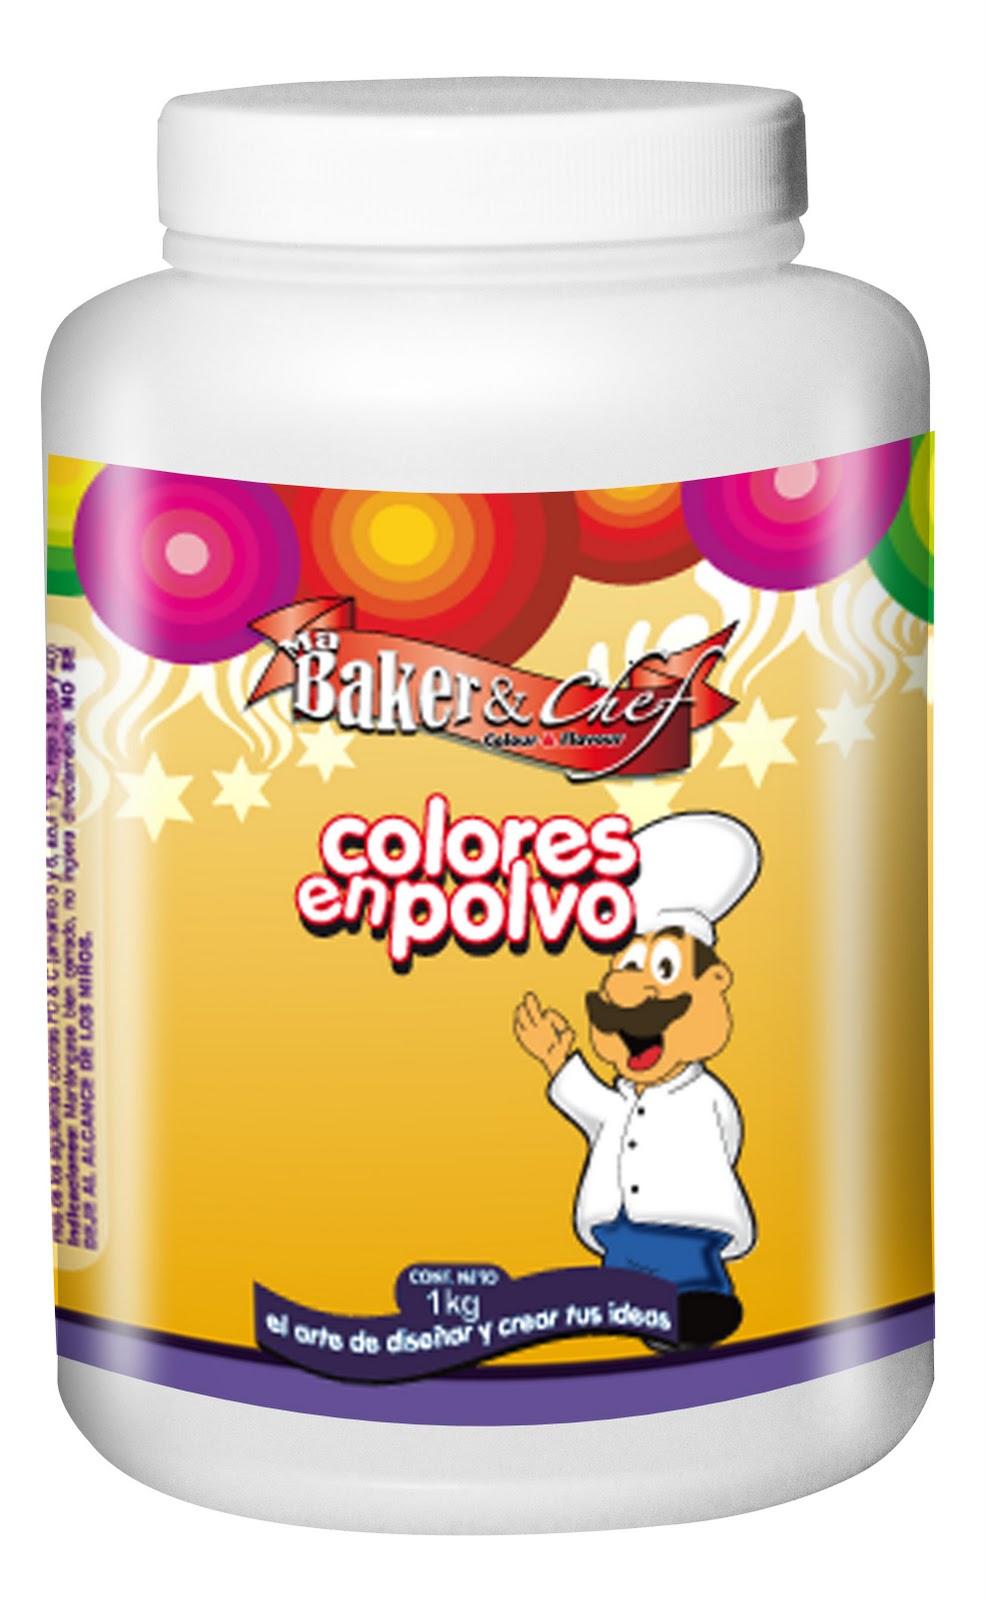 Color en polvo al 12 5 y 25 de concentraci n 100 g y 1 kg ma baker and chef el lugar del - Colores para la concentracion ...